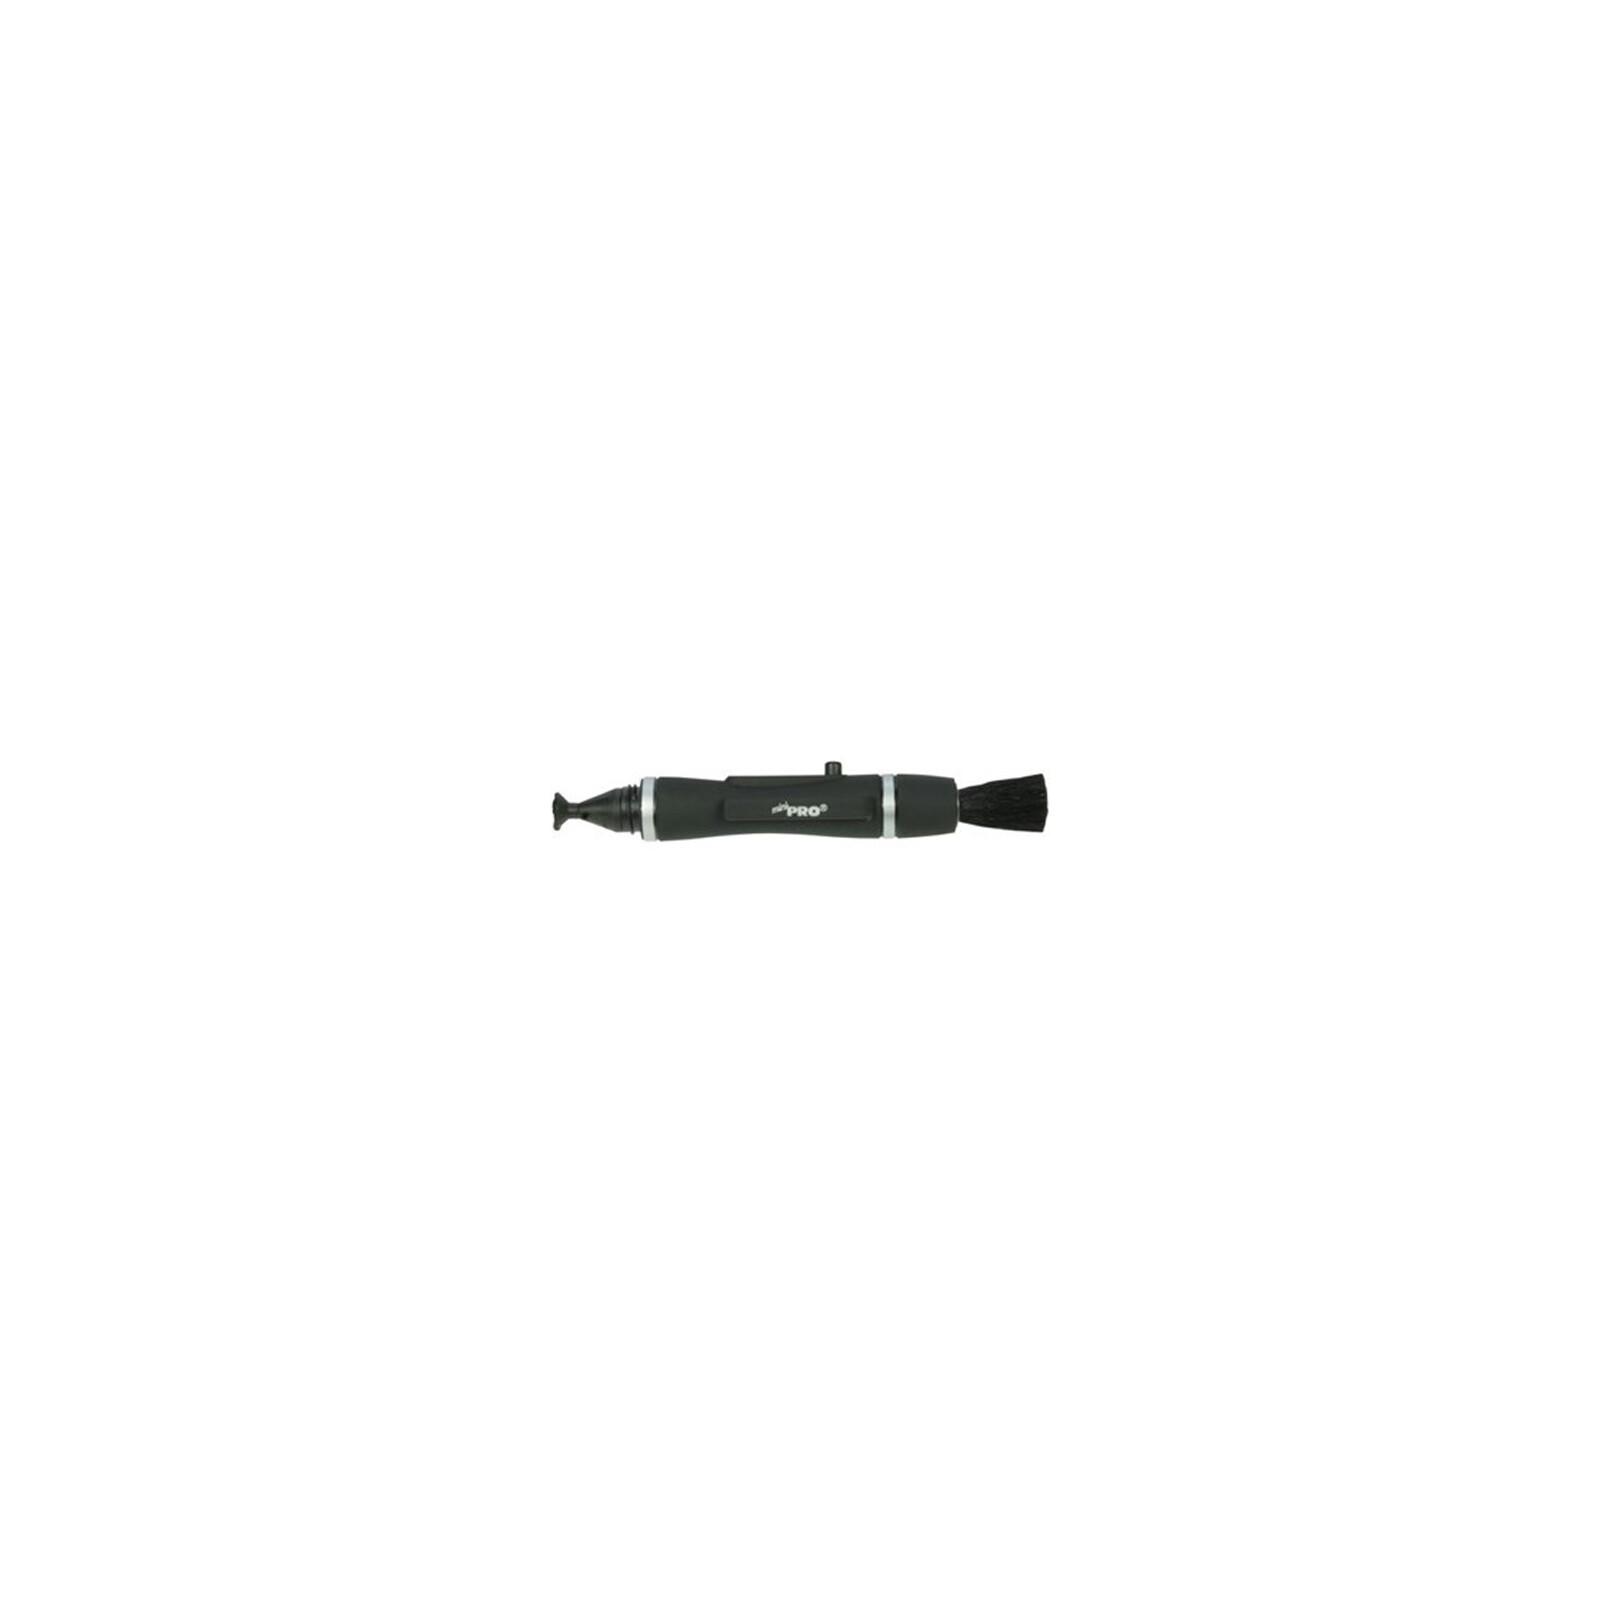 Dörr 100091 LensPen Mini Pro X Reinigungsstift